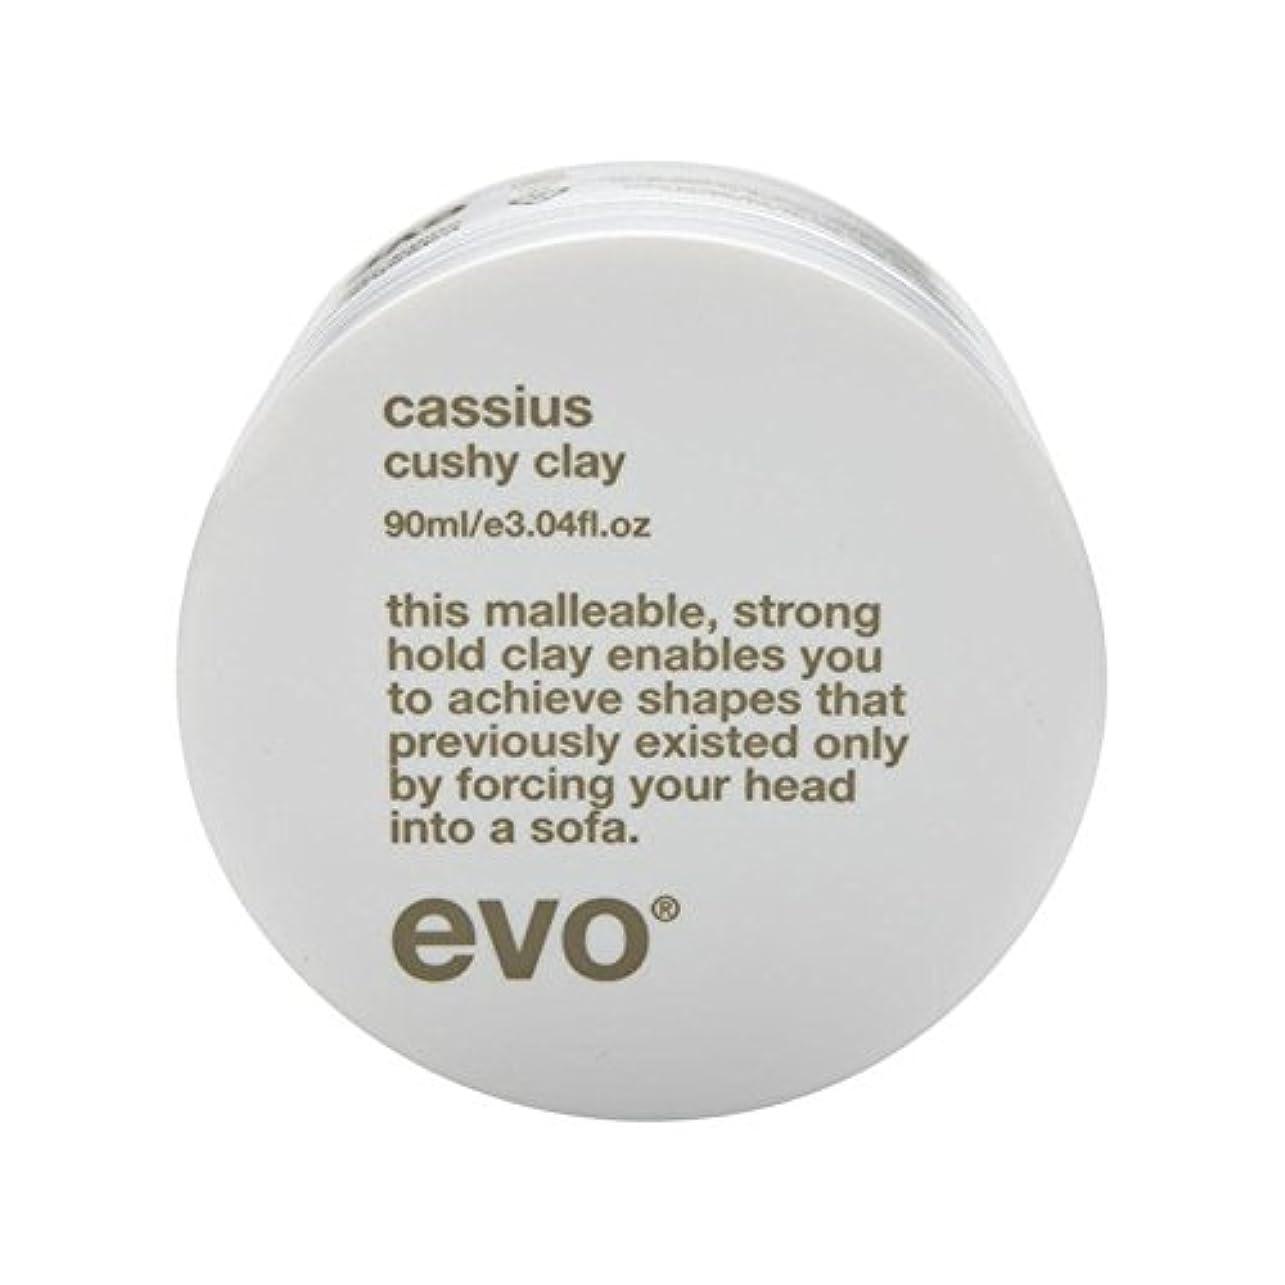 省略する位置する編集者エボカシウス楽な粘土90グラム x2 - Evo Cassius Cushy Clay 90G (Pack of 2) [並行輸入品]